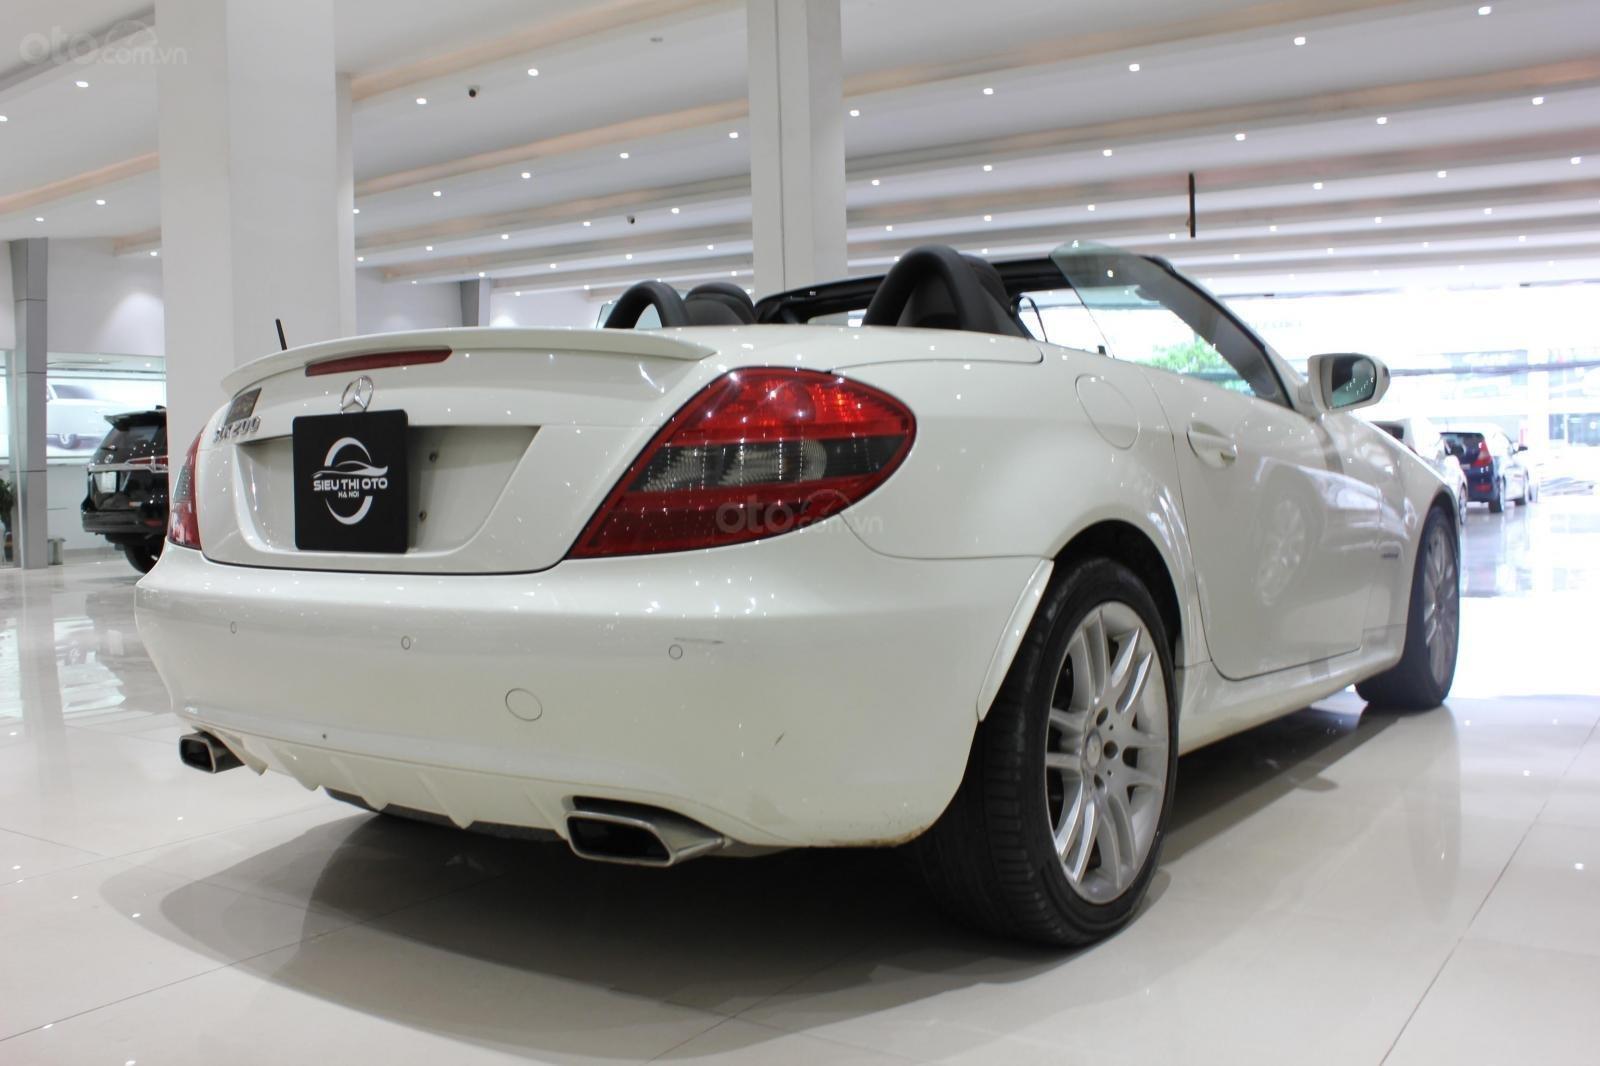 Mercedes SLK 200 sx 2009, mui trần, màu trắng, biển thành phố (4)